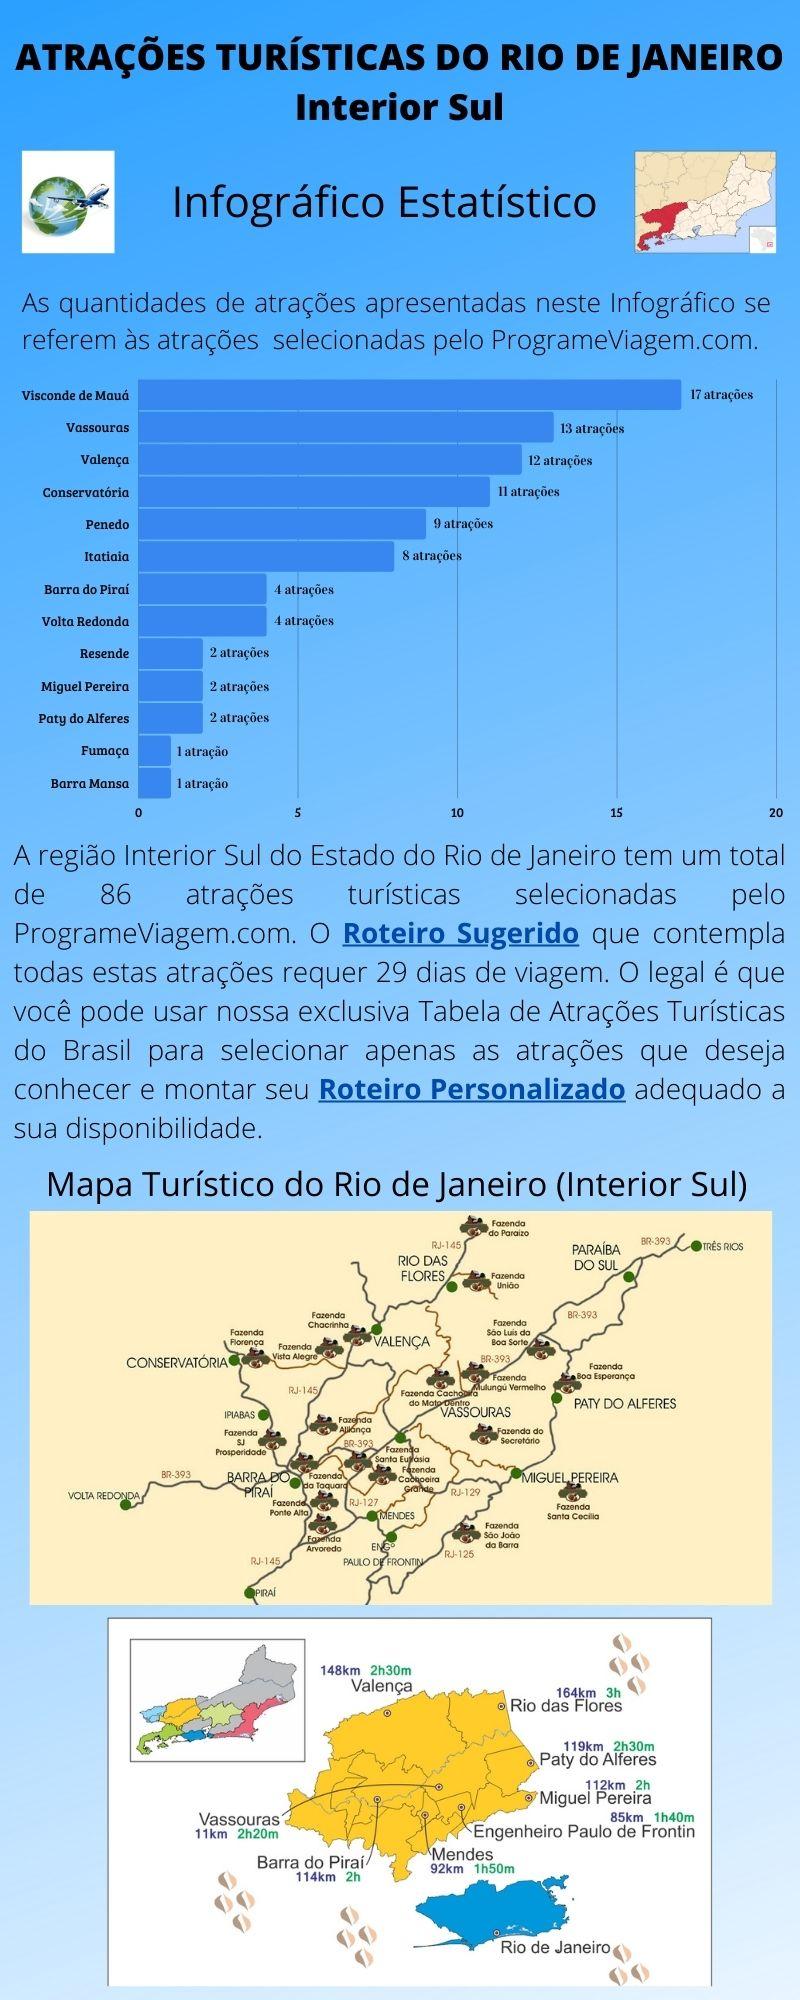 Infográfico Atrações Turísticas do Rio de Janeiro (Interior Sul)